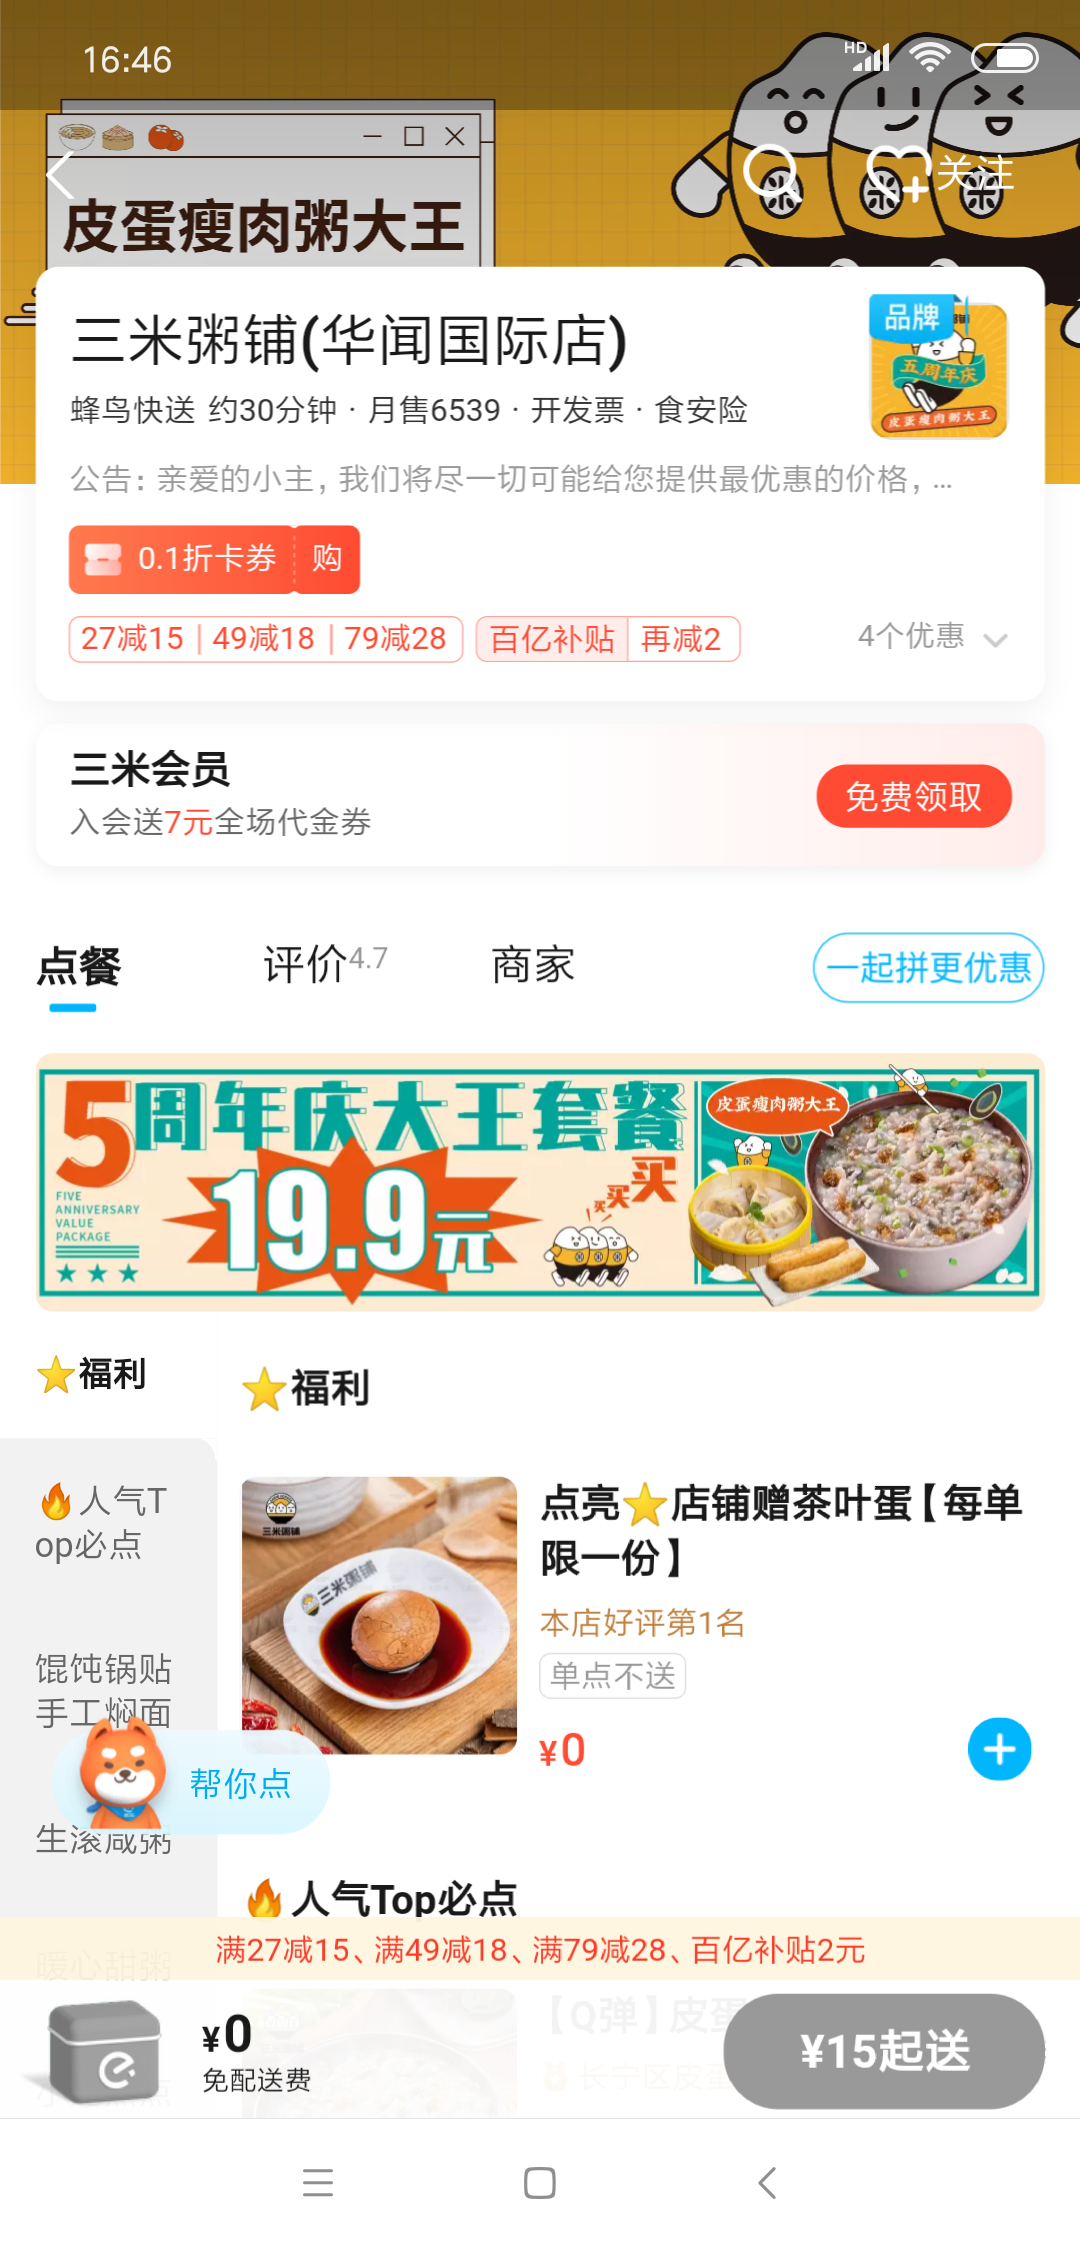 上海华闻国际店.png